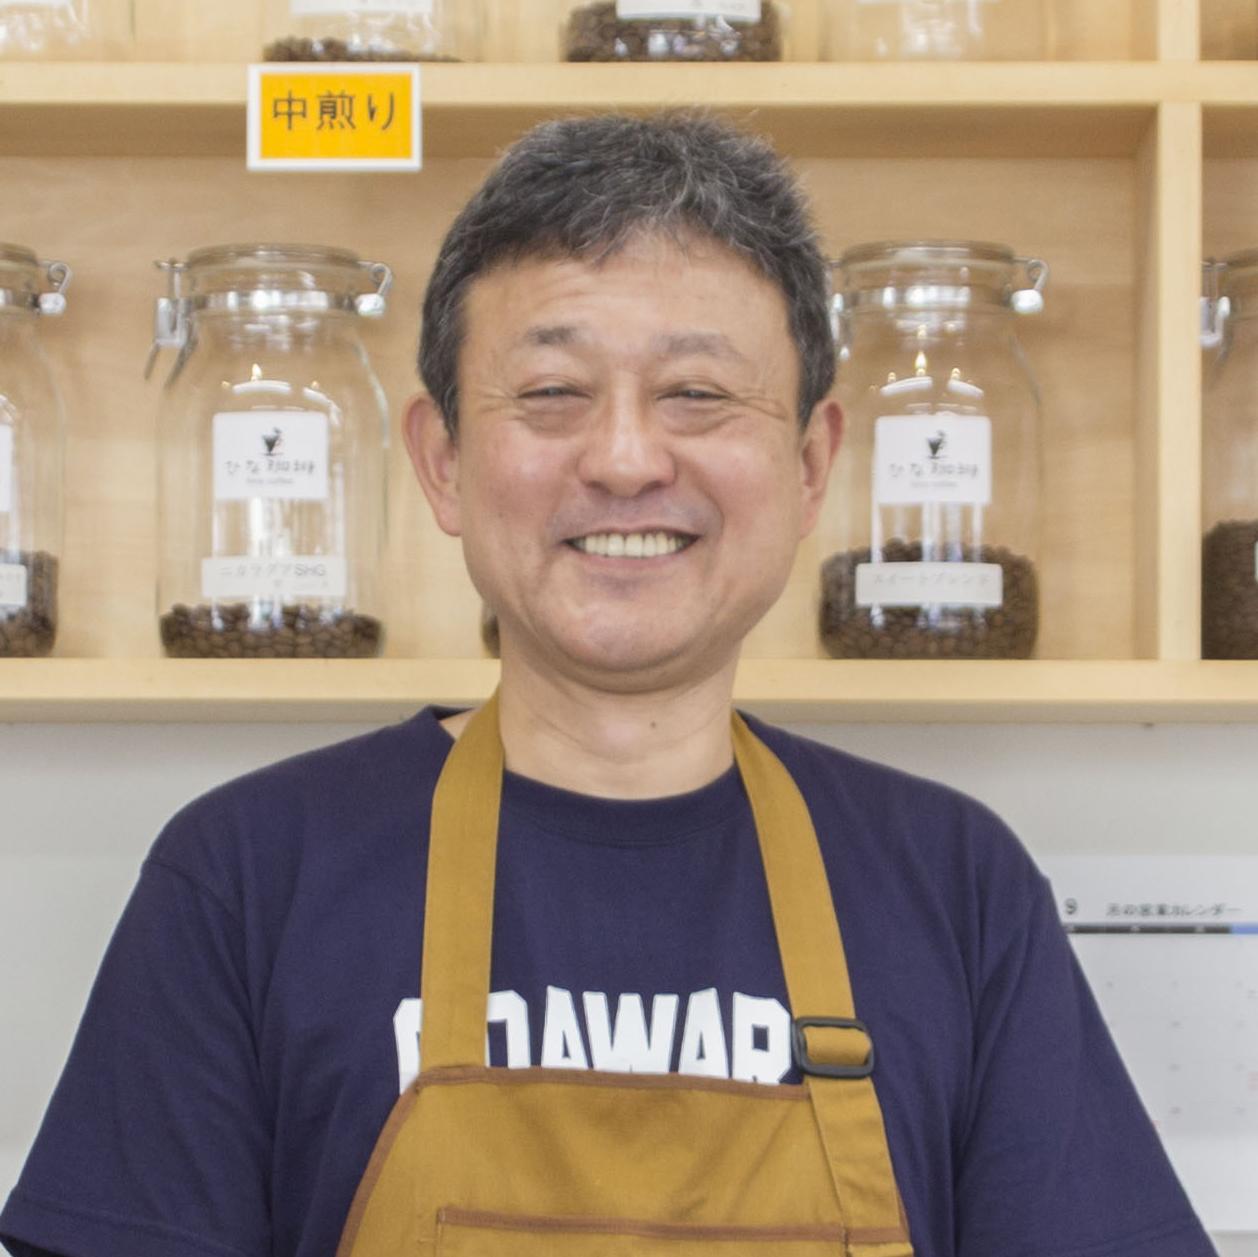 小田急「螢田」駅前で自家焙煎珈琲店〈ひな珈琲〉を経営する池上直樹さんは、25年間勤めた教員を辞め、老舗のコーヒー店で一から修行してお店を開きました。先の見えた安定よりも新たな道でのチャレンジを選んだ池上さんですが、決 […]